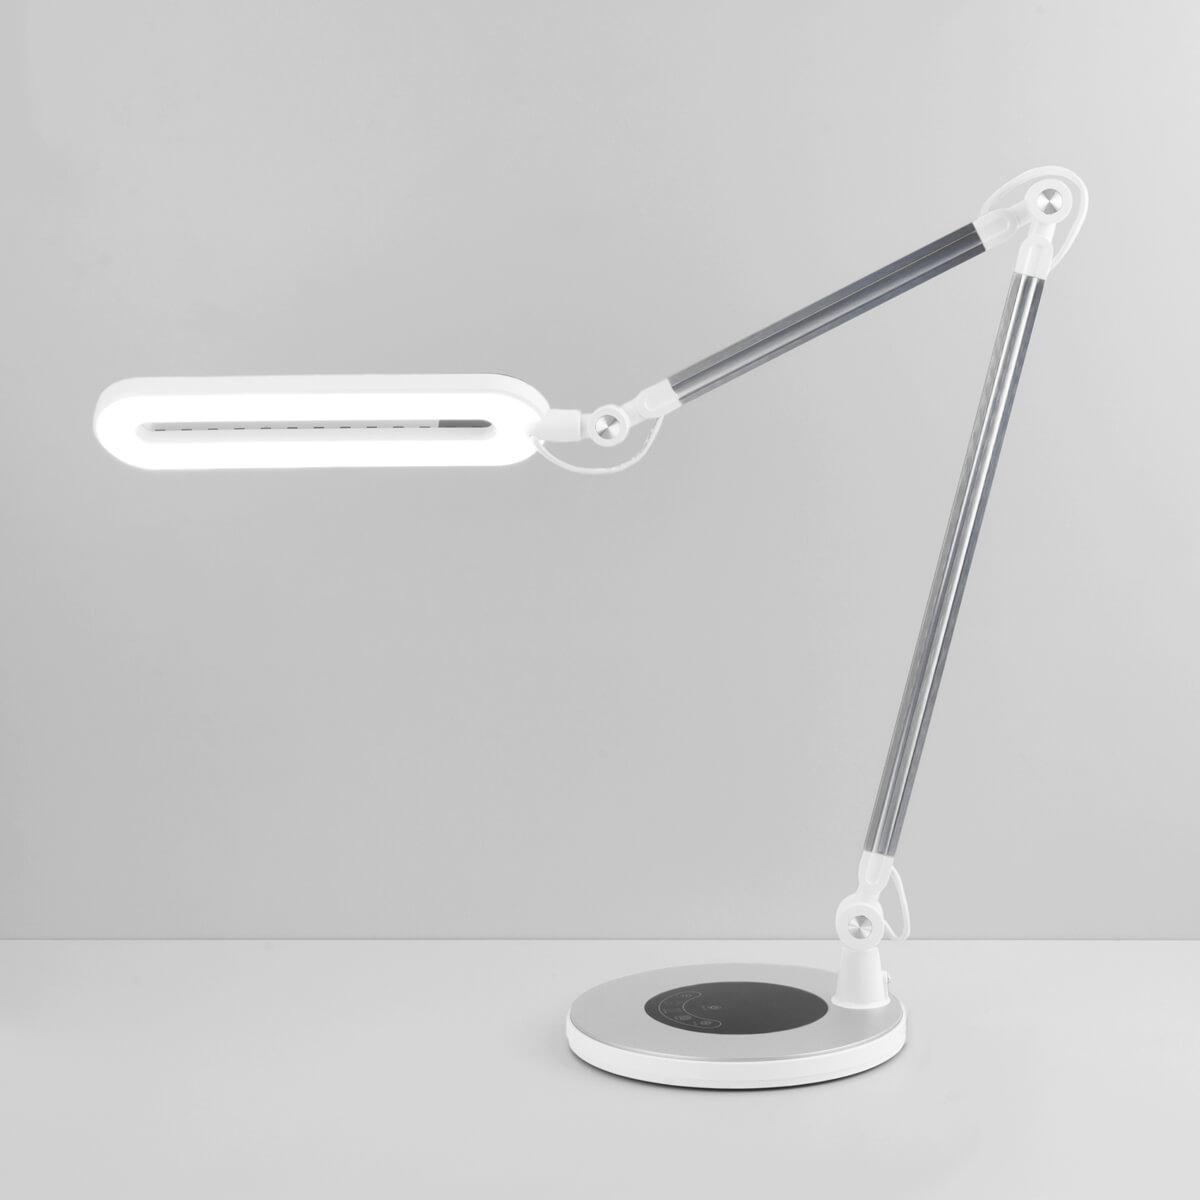 Настольная лампа Eurosvet 80420/1 серебристый Modern (Сенсорное управление) фото